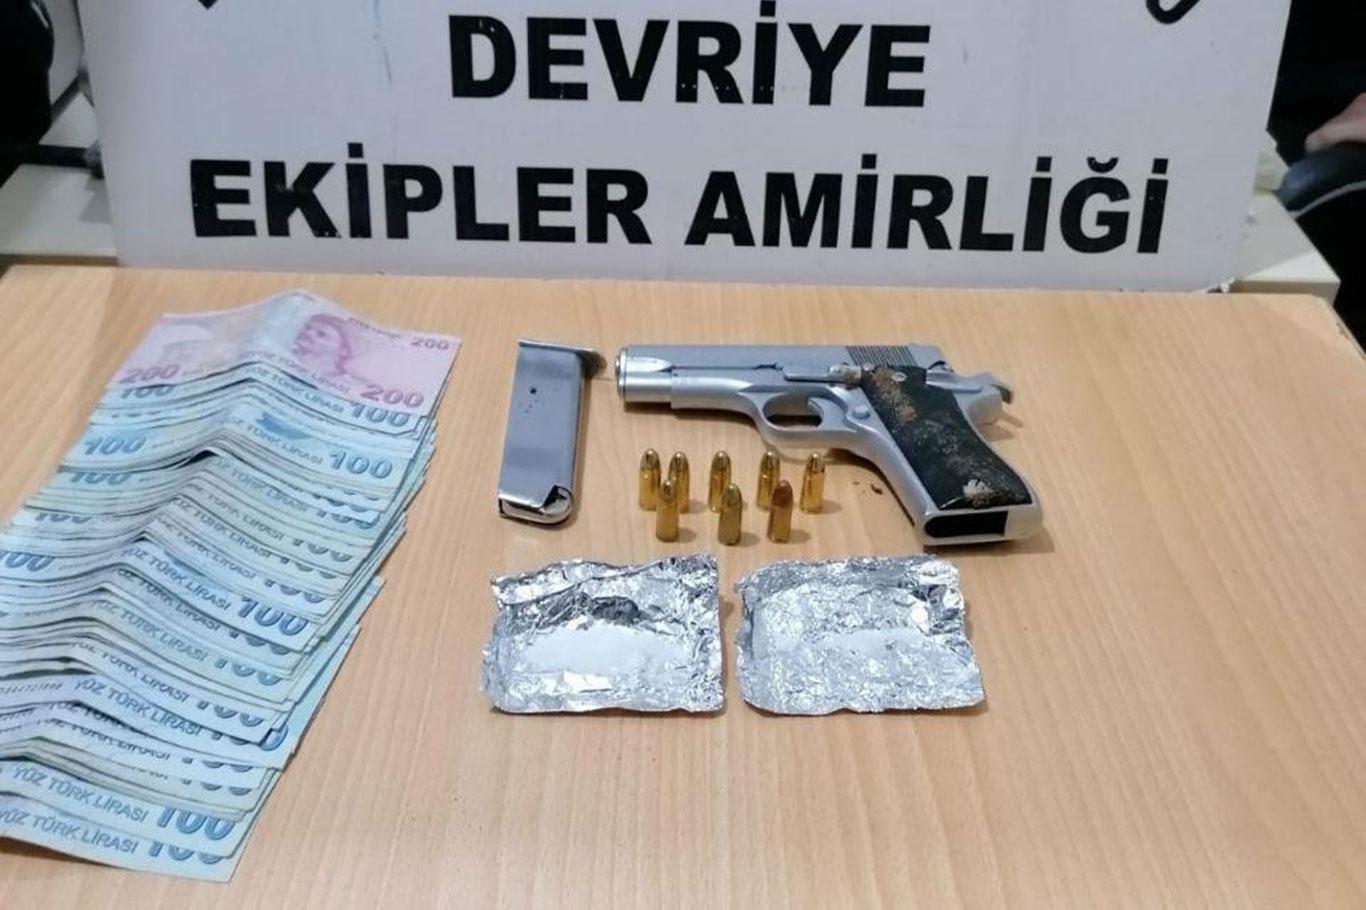 Kızıltepe'de uyuşturucu operasyonunda 5 kişi gözaltına alındı